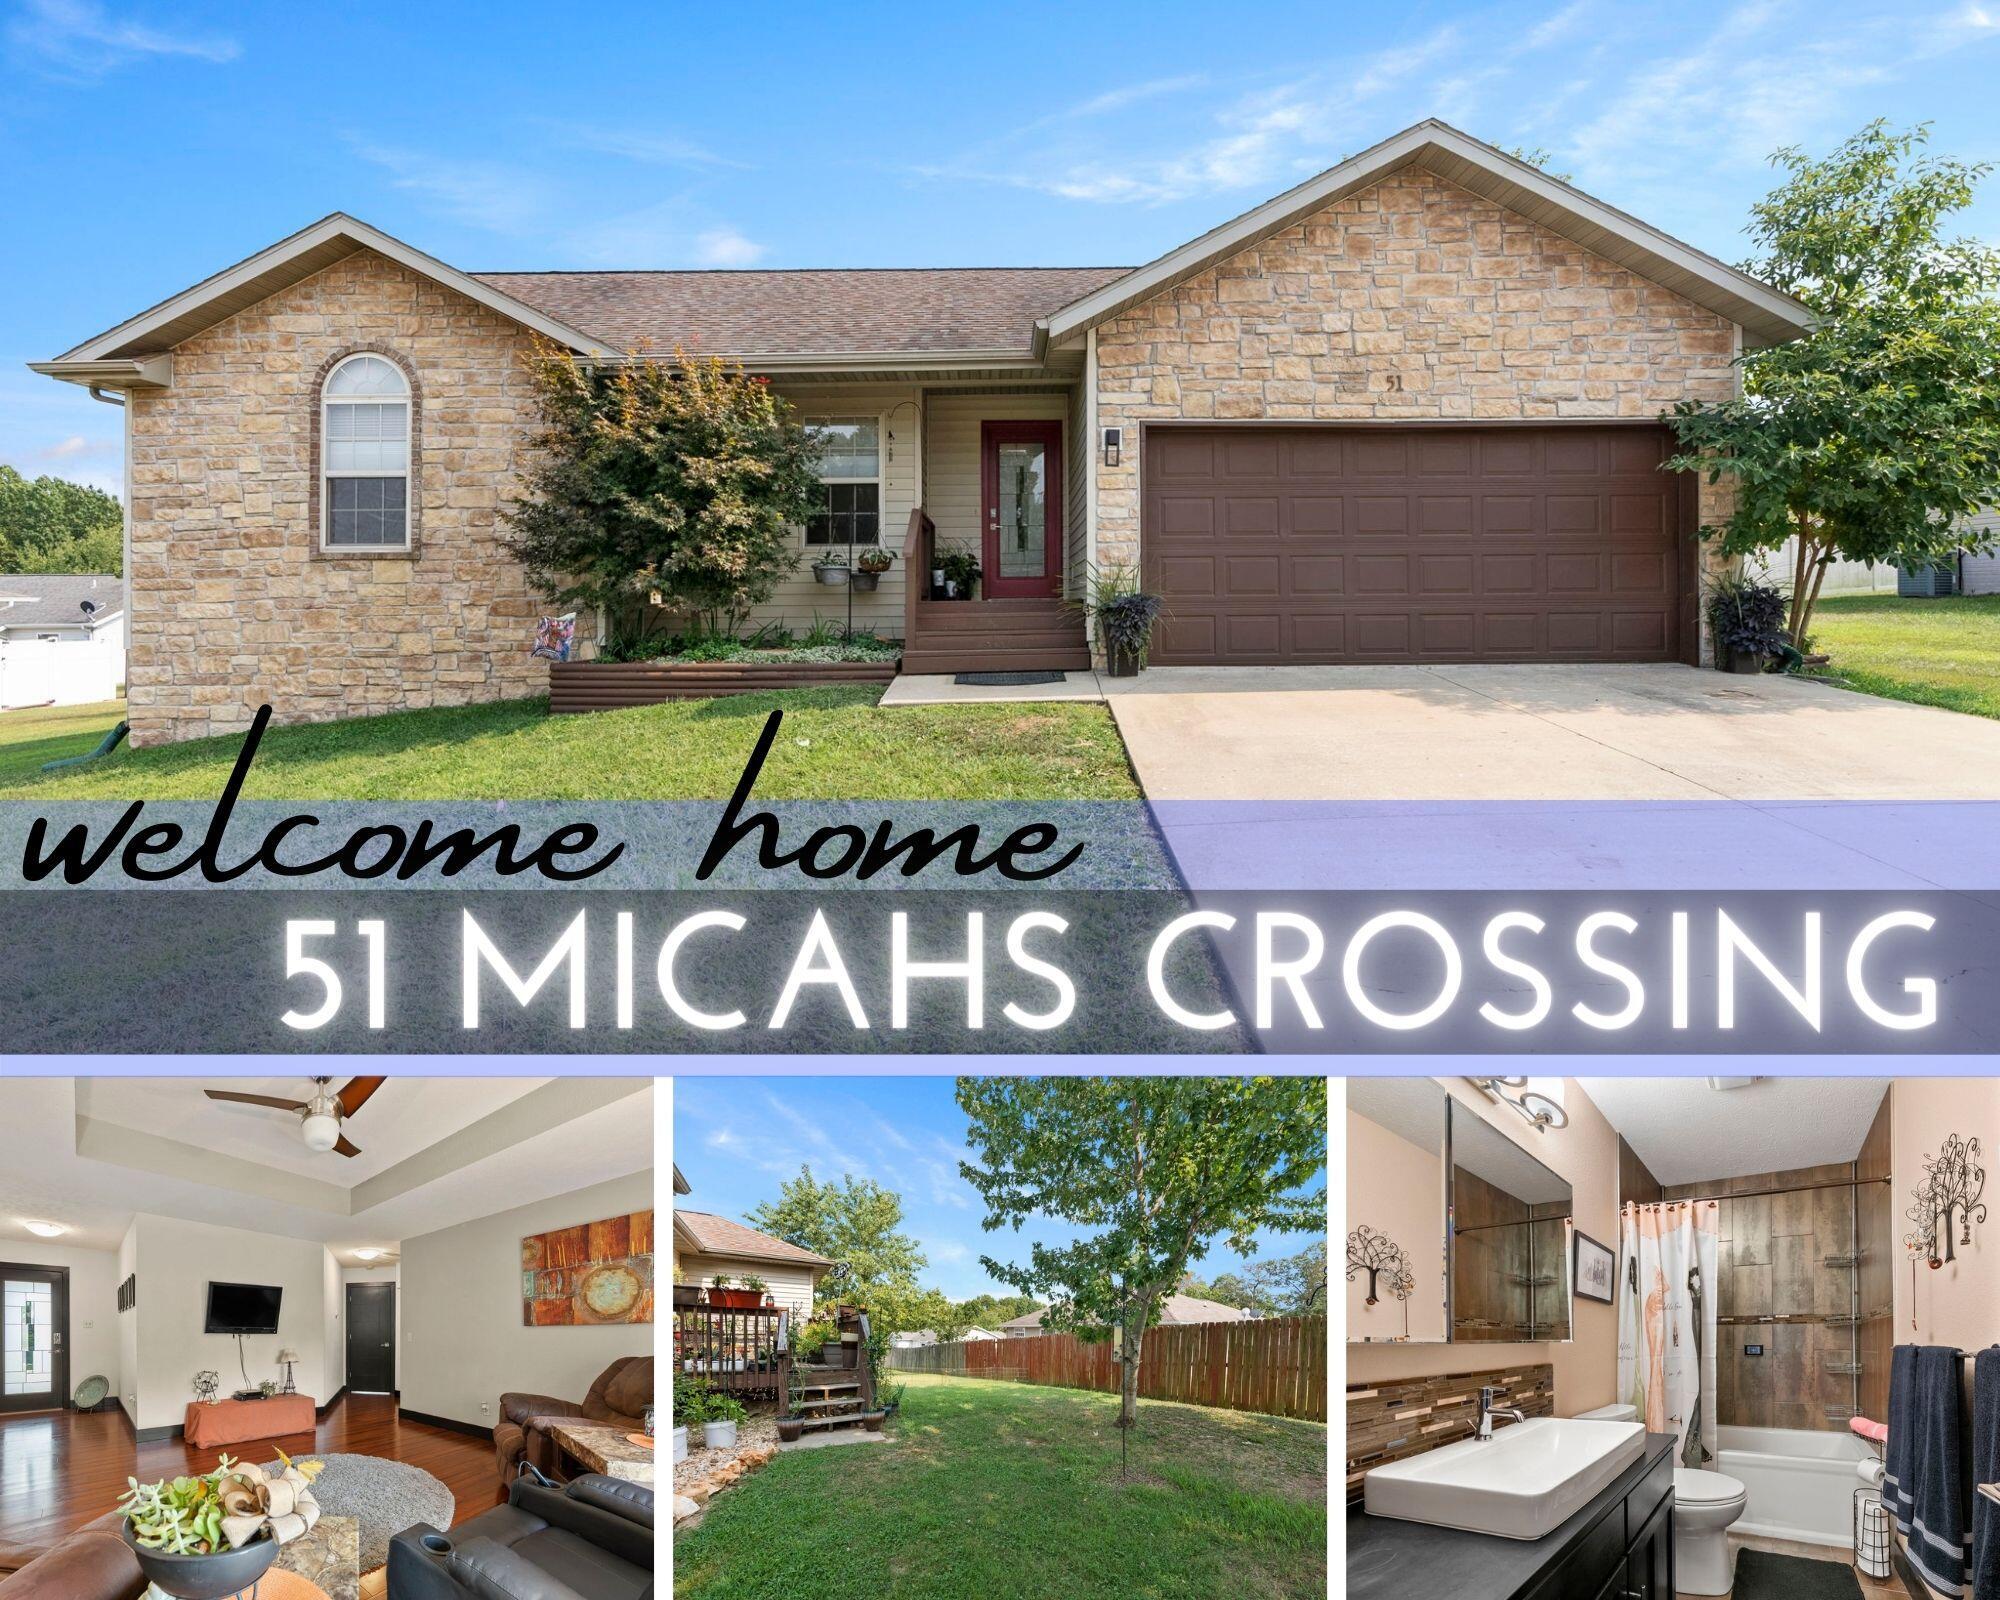 51 Micahs Xing Reeds Spring, MO 65737